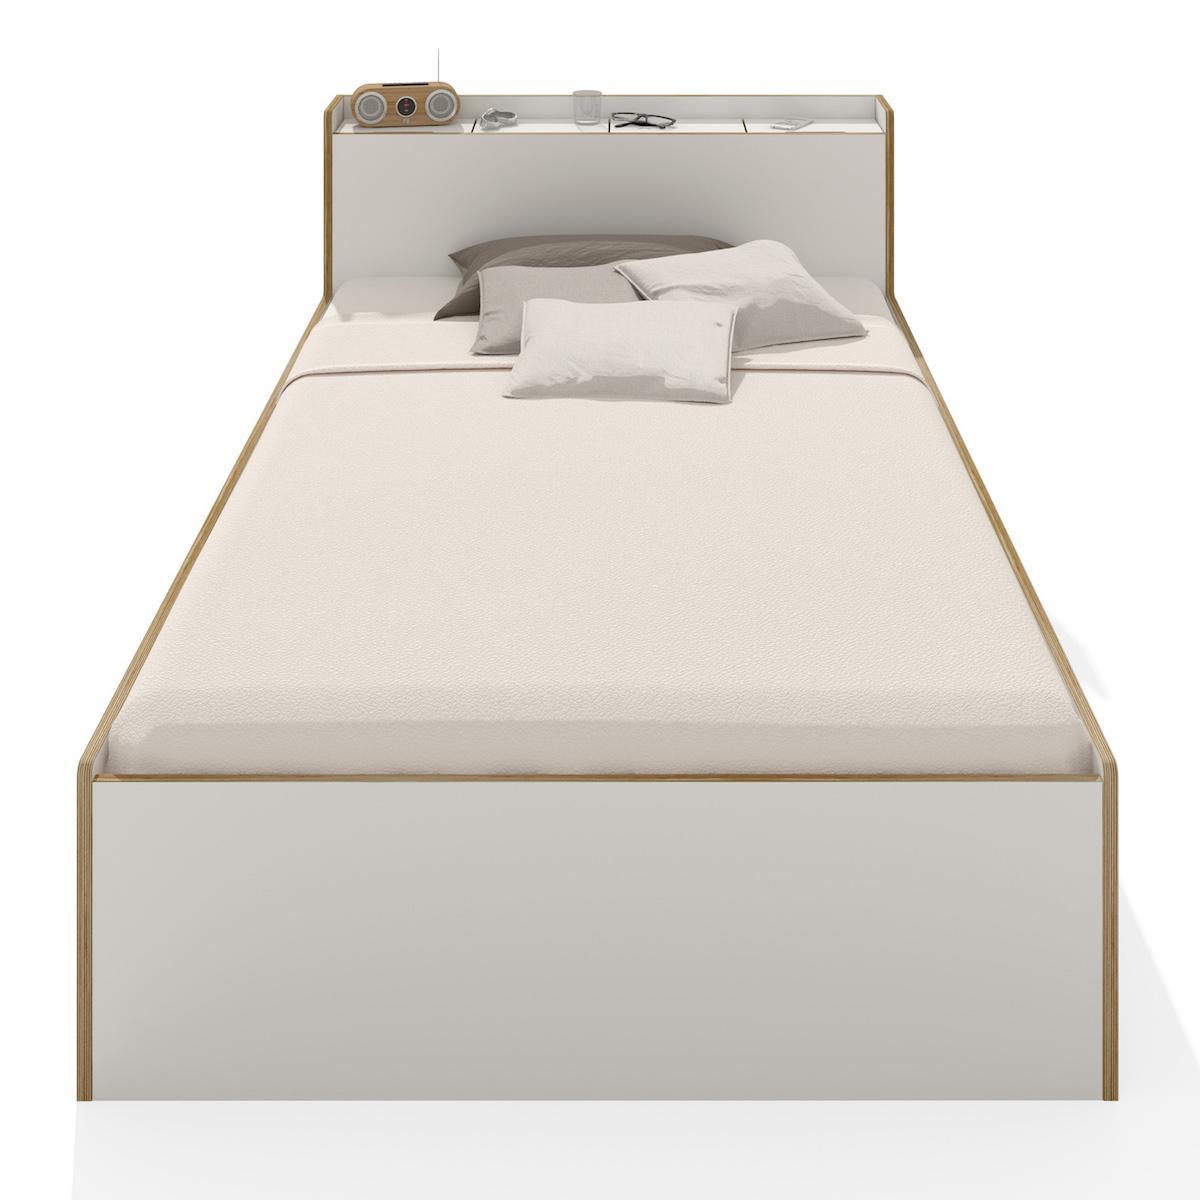 Lit simple 100x200cm NOOK Mueller blanc - bord en bouleau